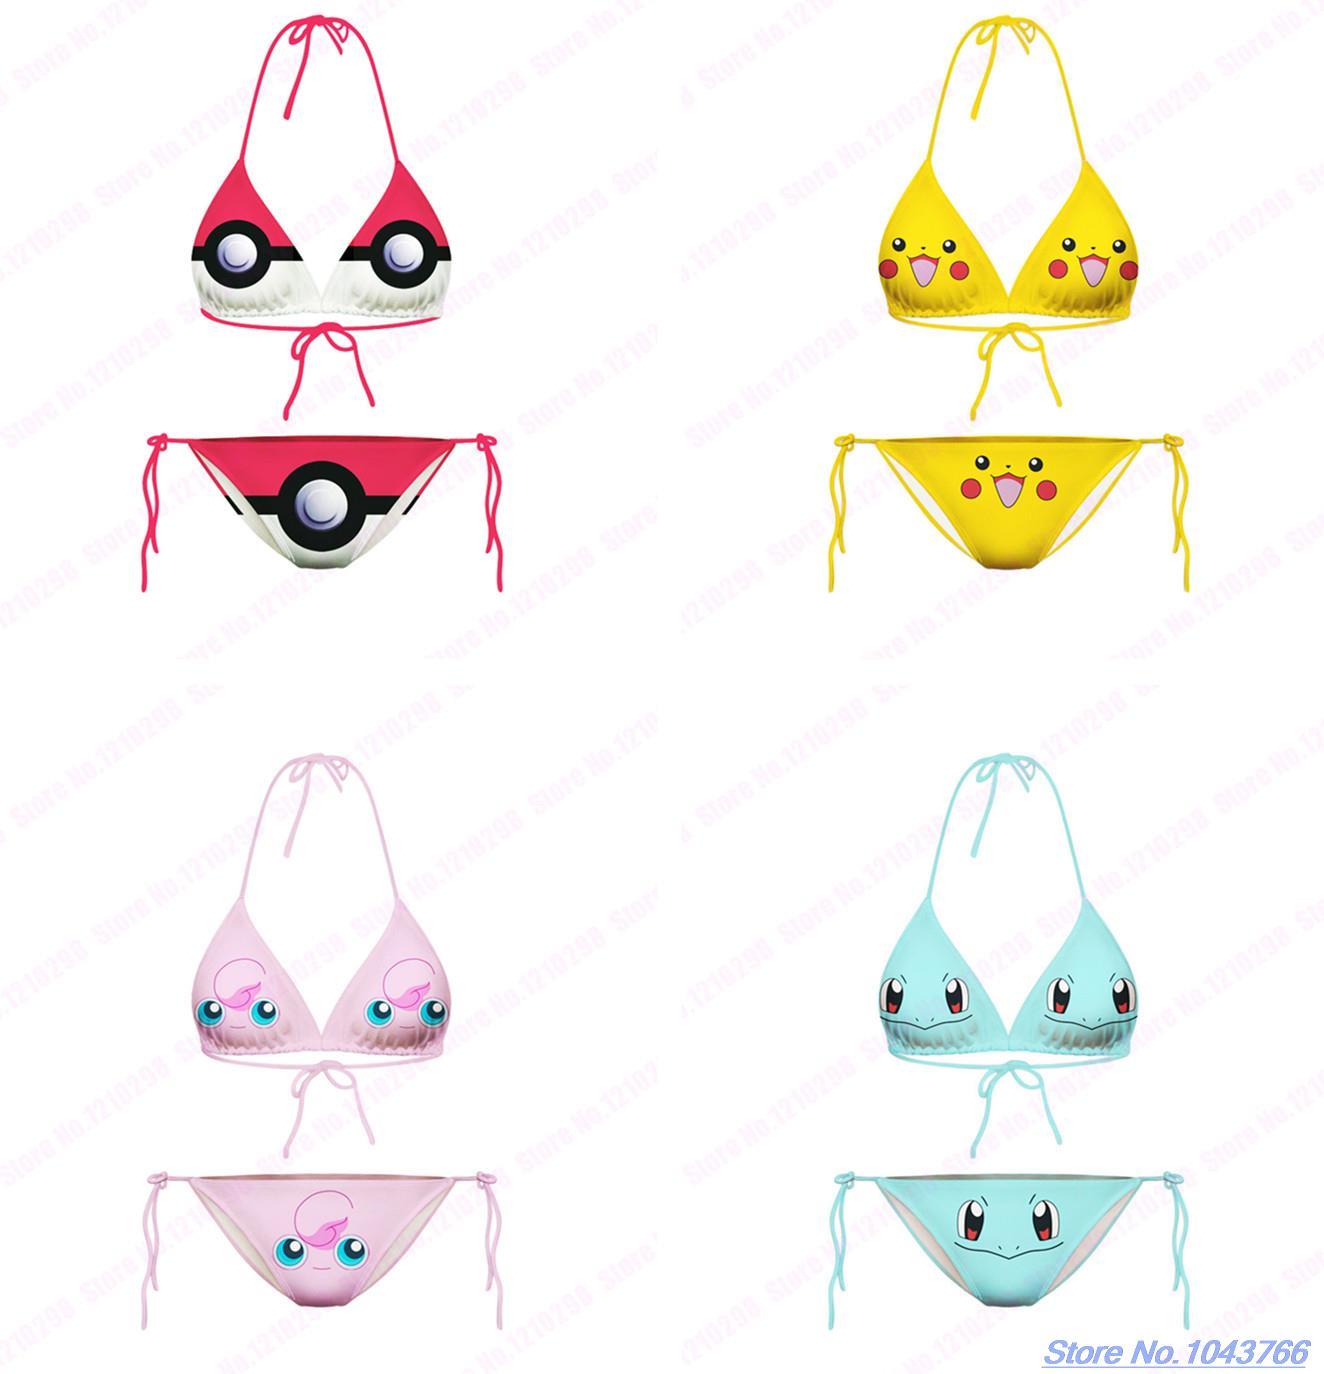 Mignon Smiley Visage Pikachu Maillots De Bain Deux Pièces